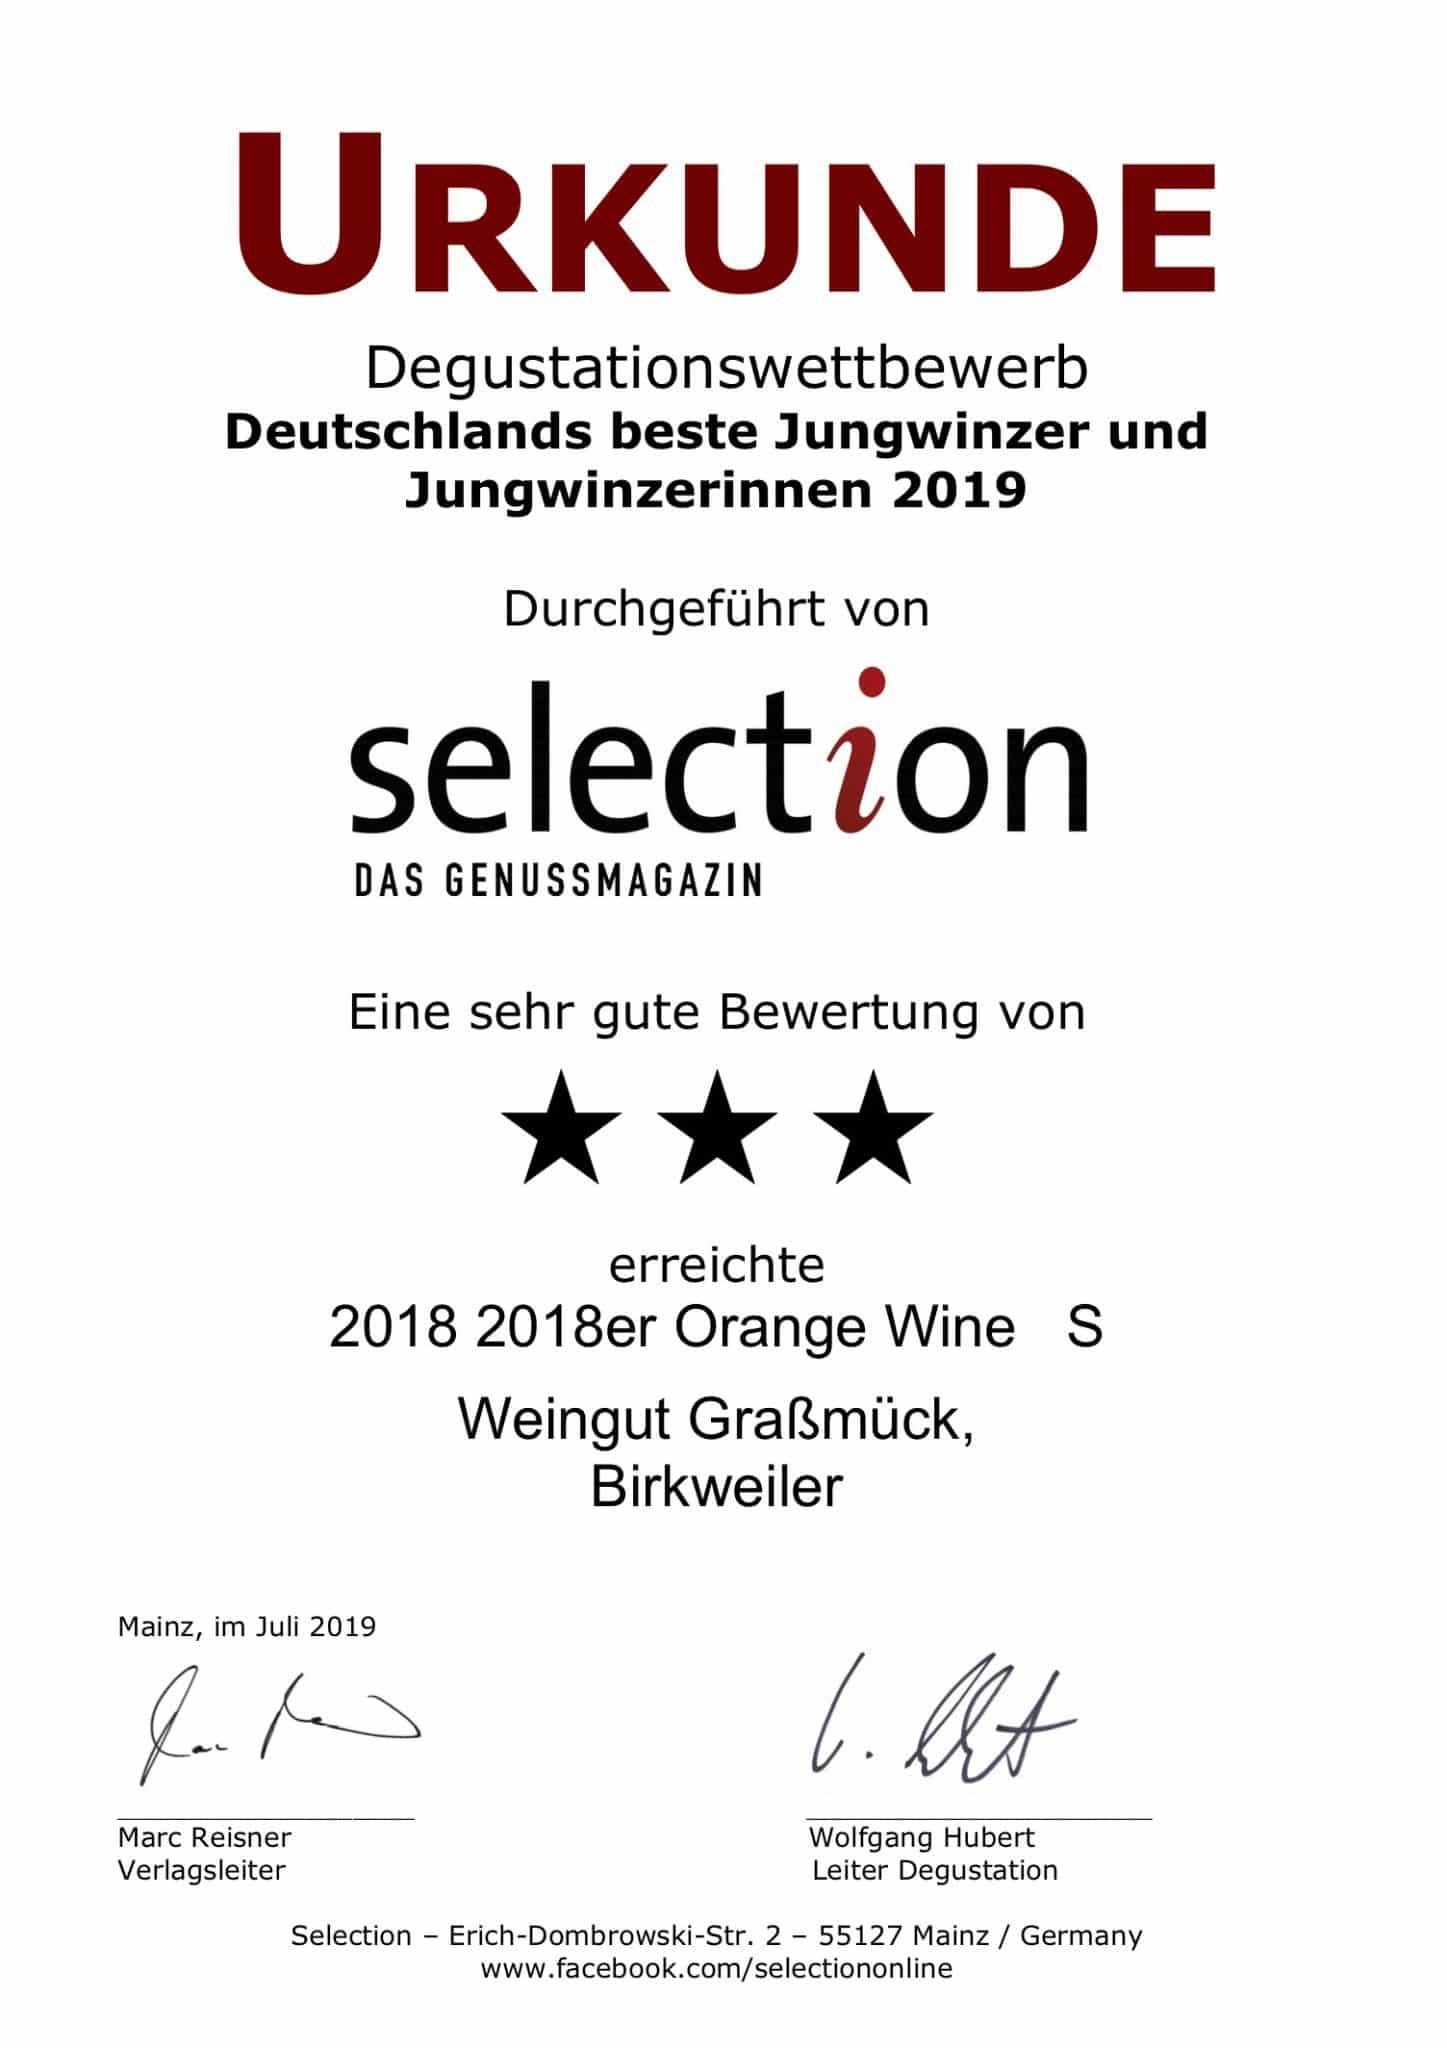 Urkunde von selection für Weingut Graßmück